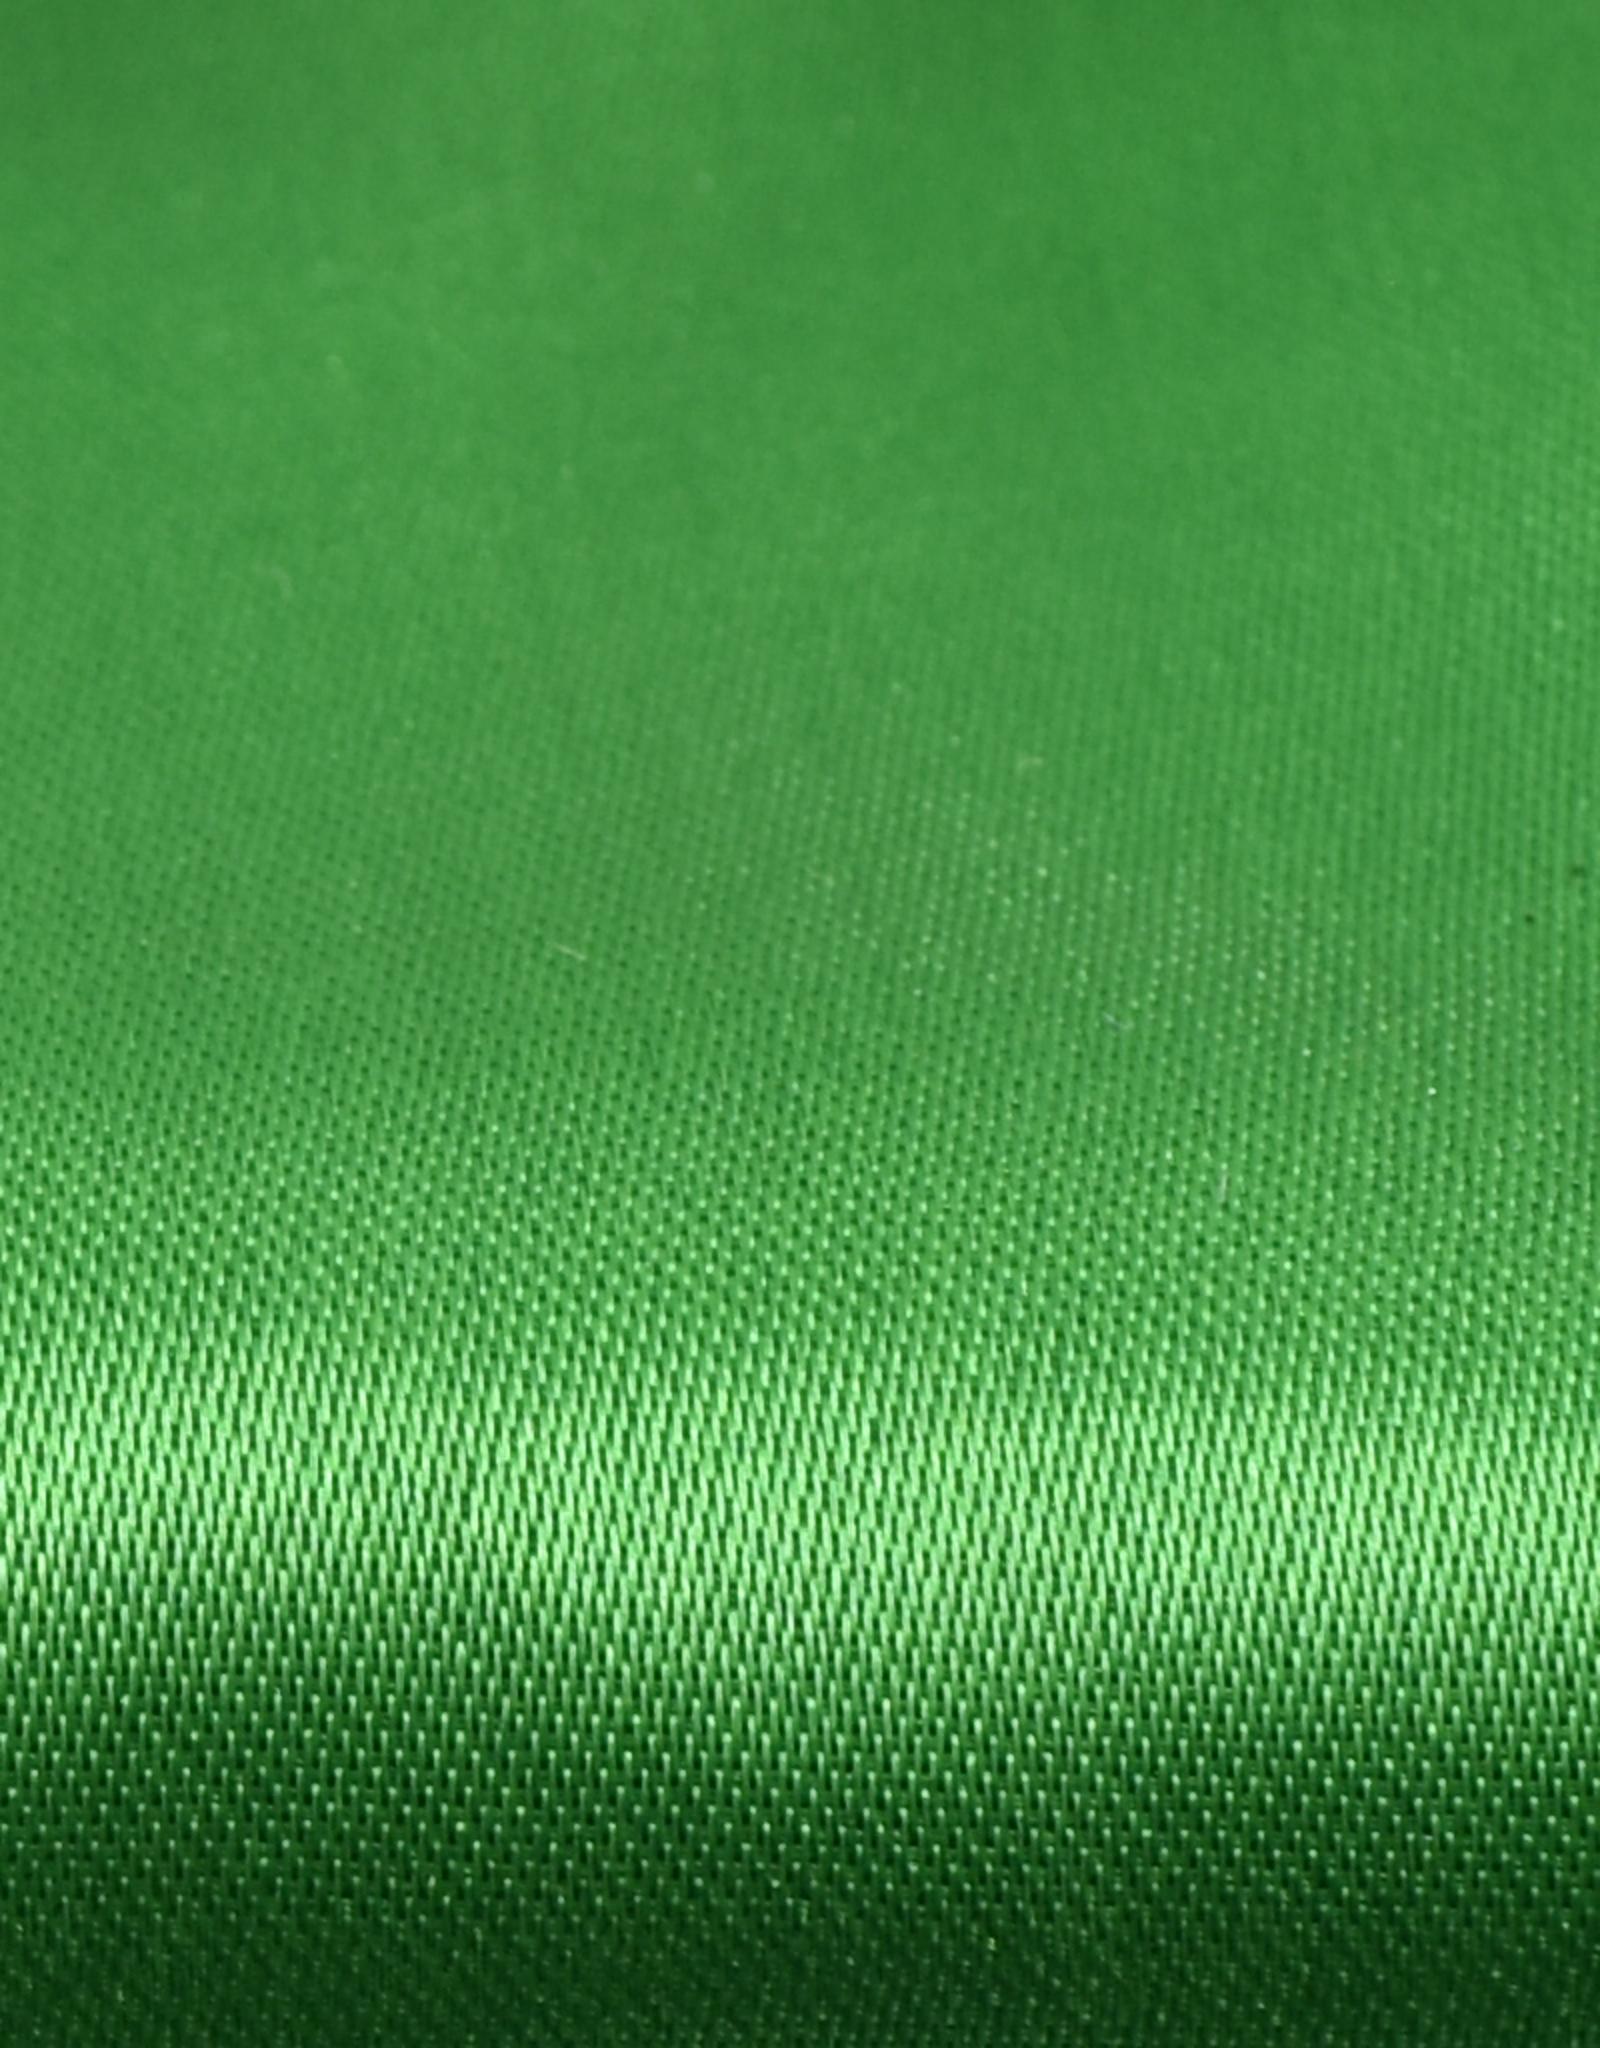 Kung Fu Sjerp - Groen